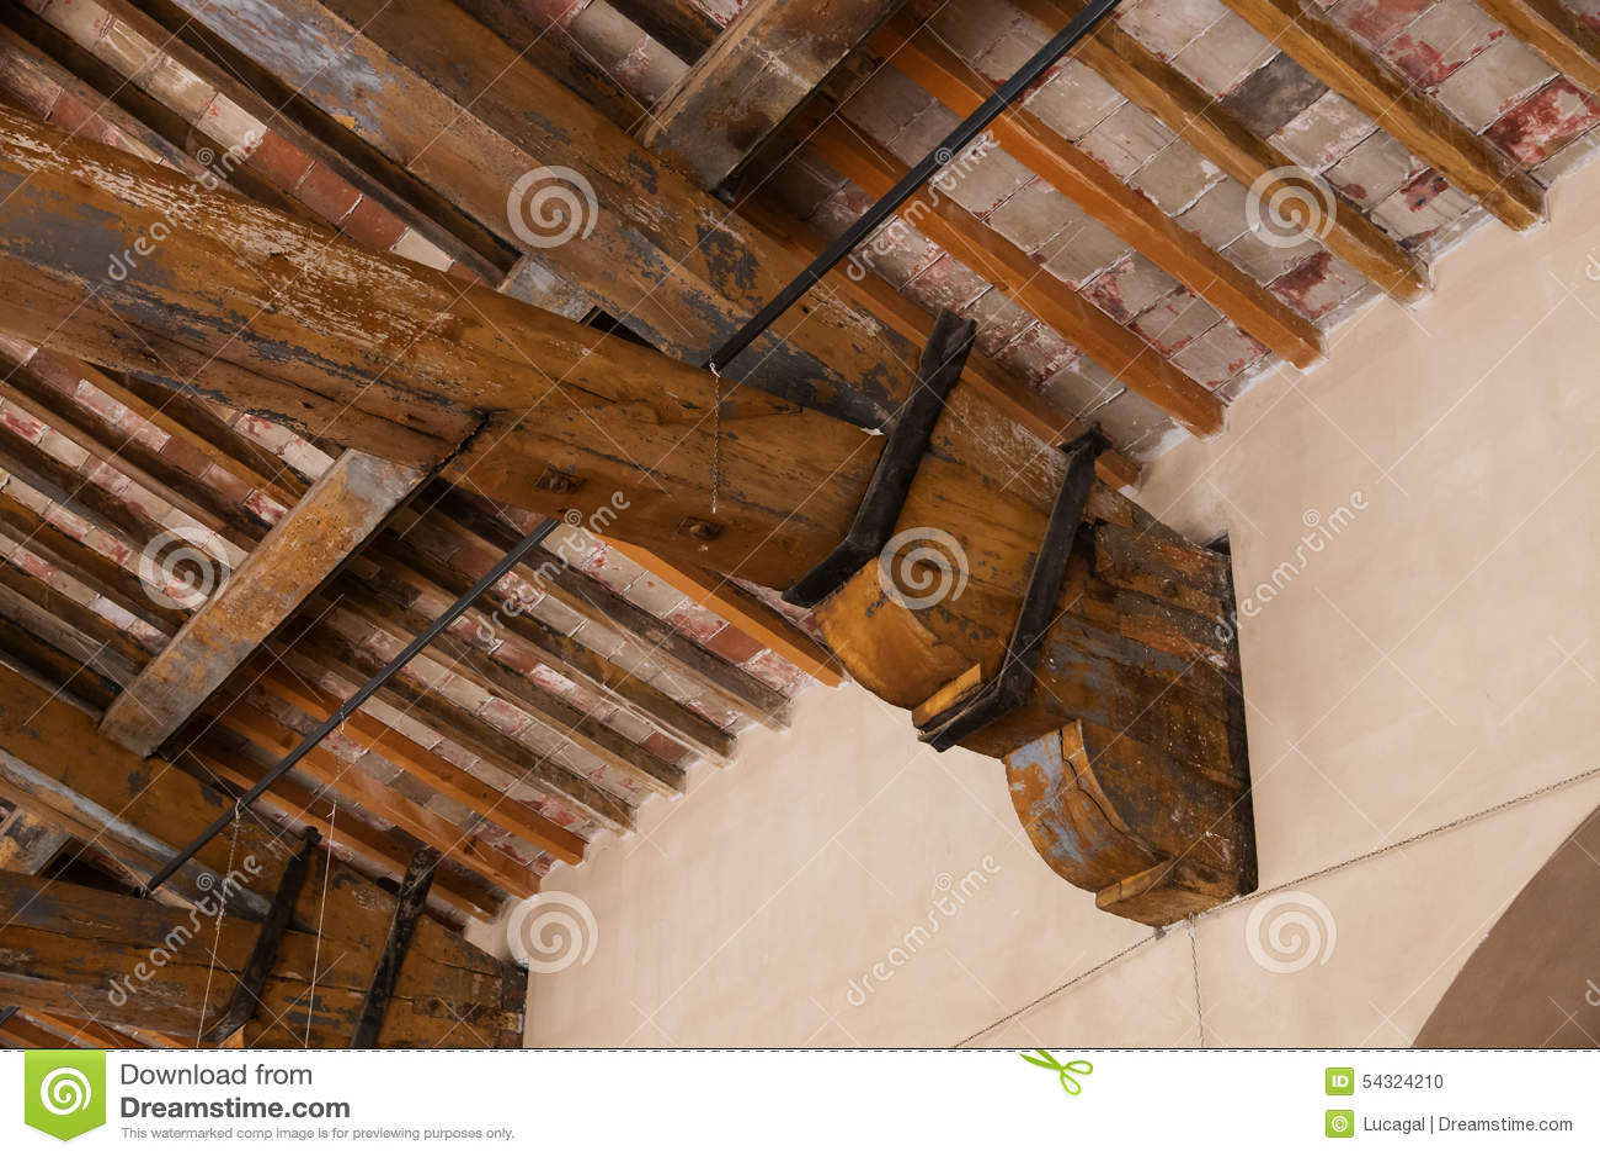 Dettaglio di un fascio di tetto di legno fotografia stock - Tetto in legno interno ...